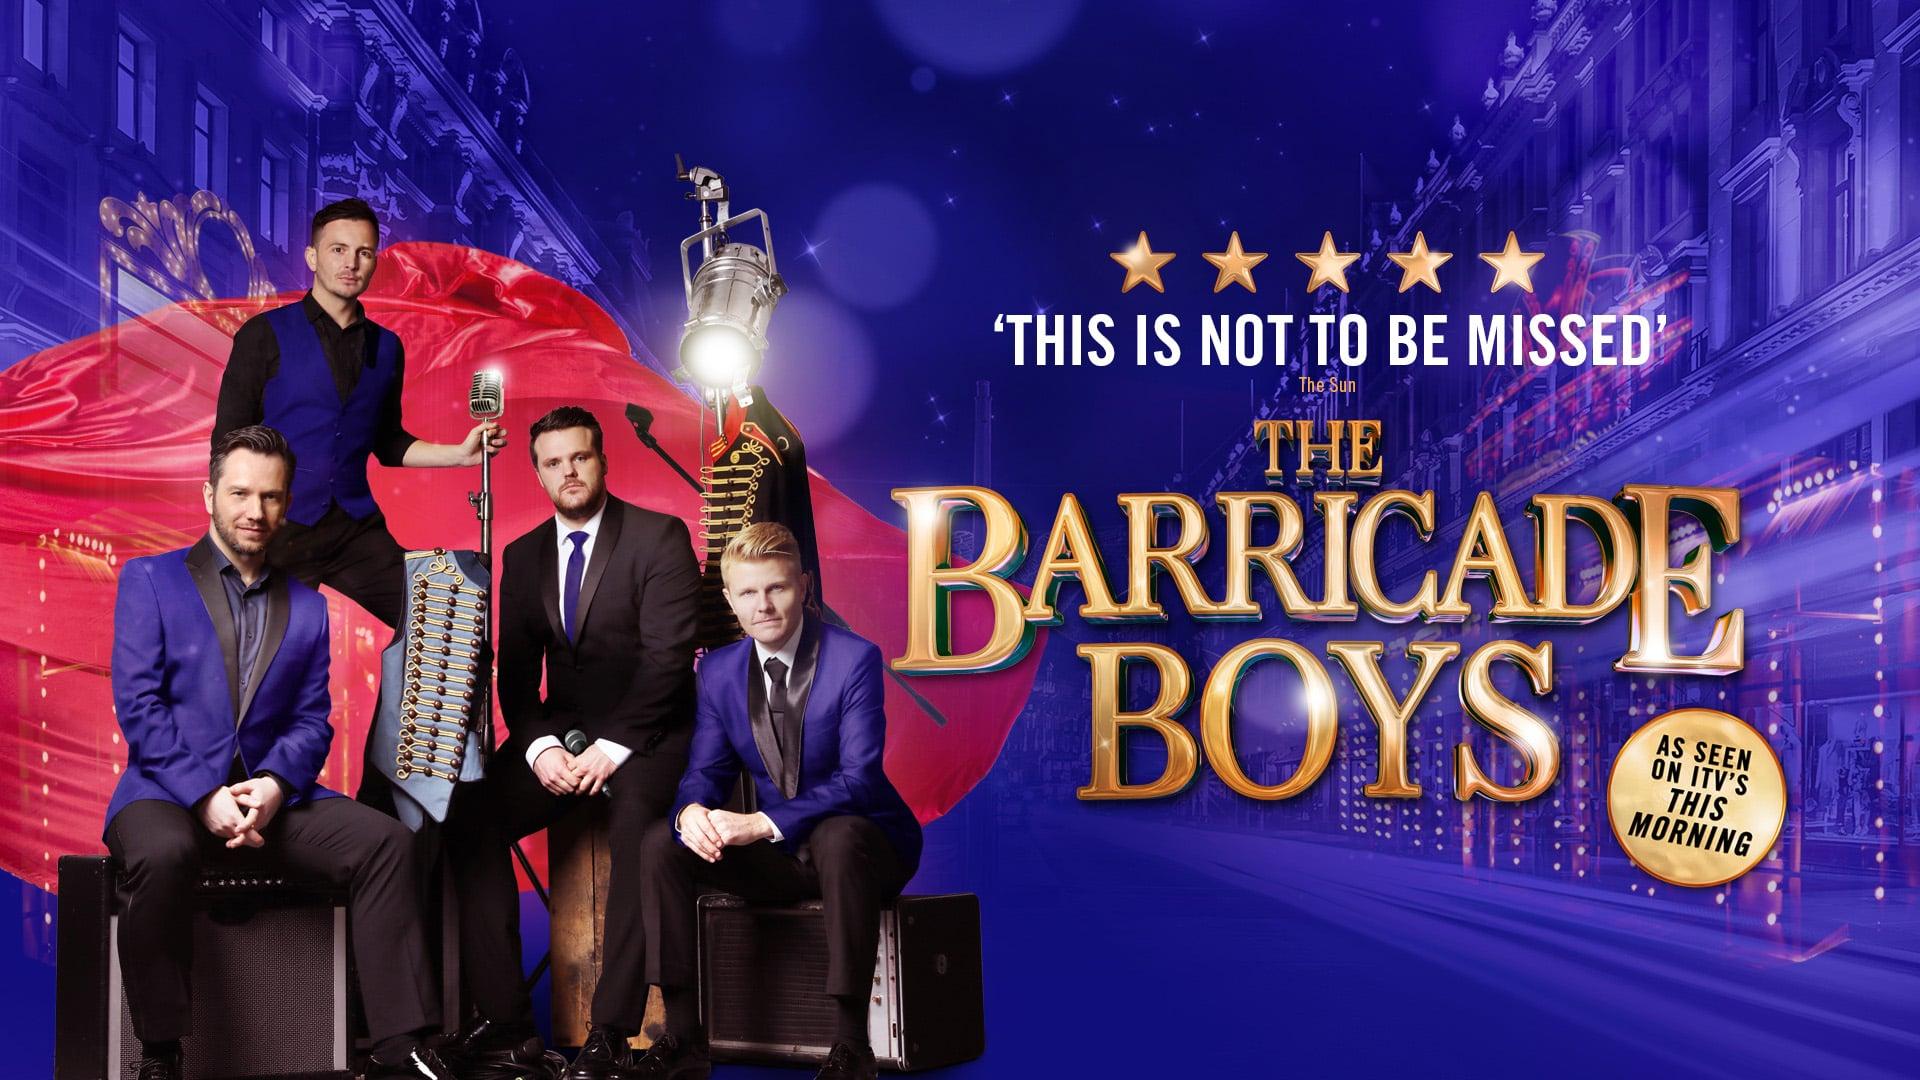 Barricade Boys promotional image